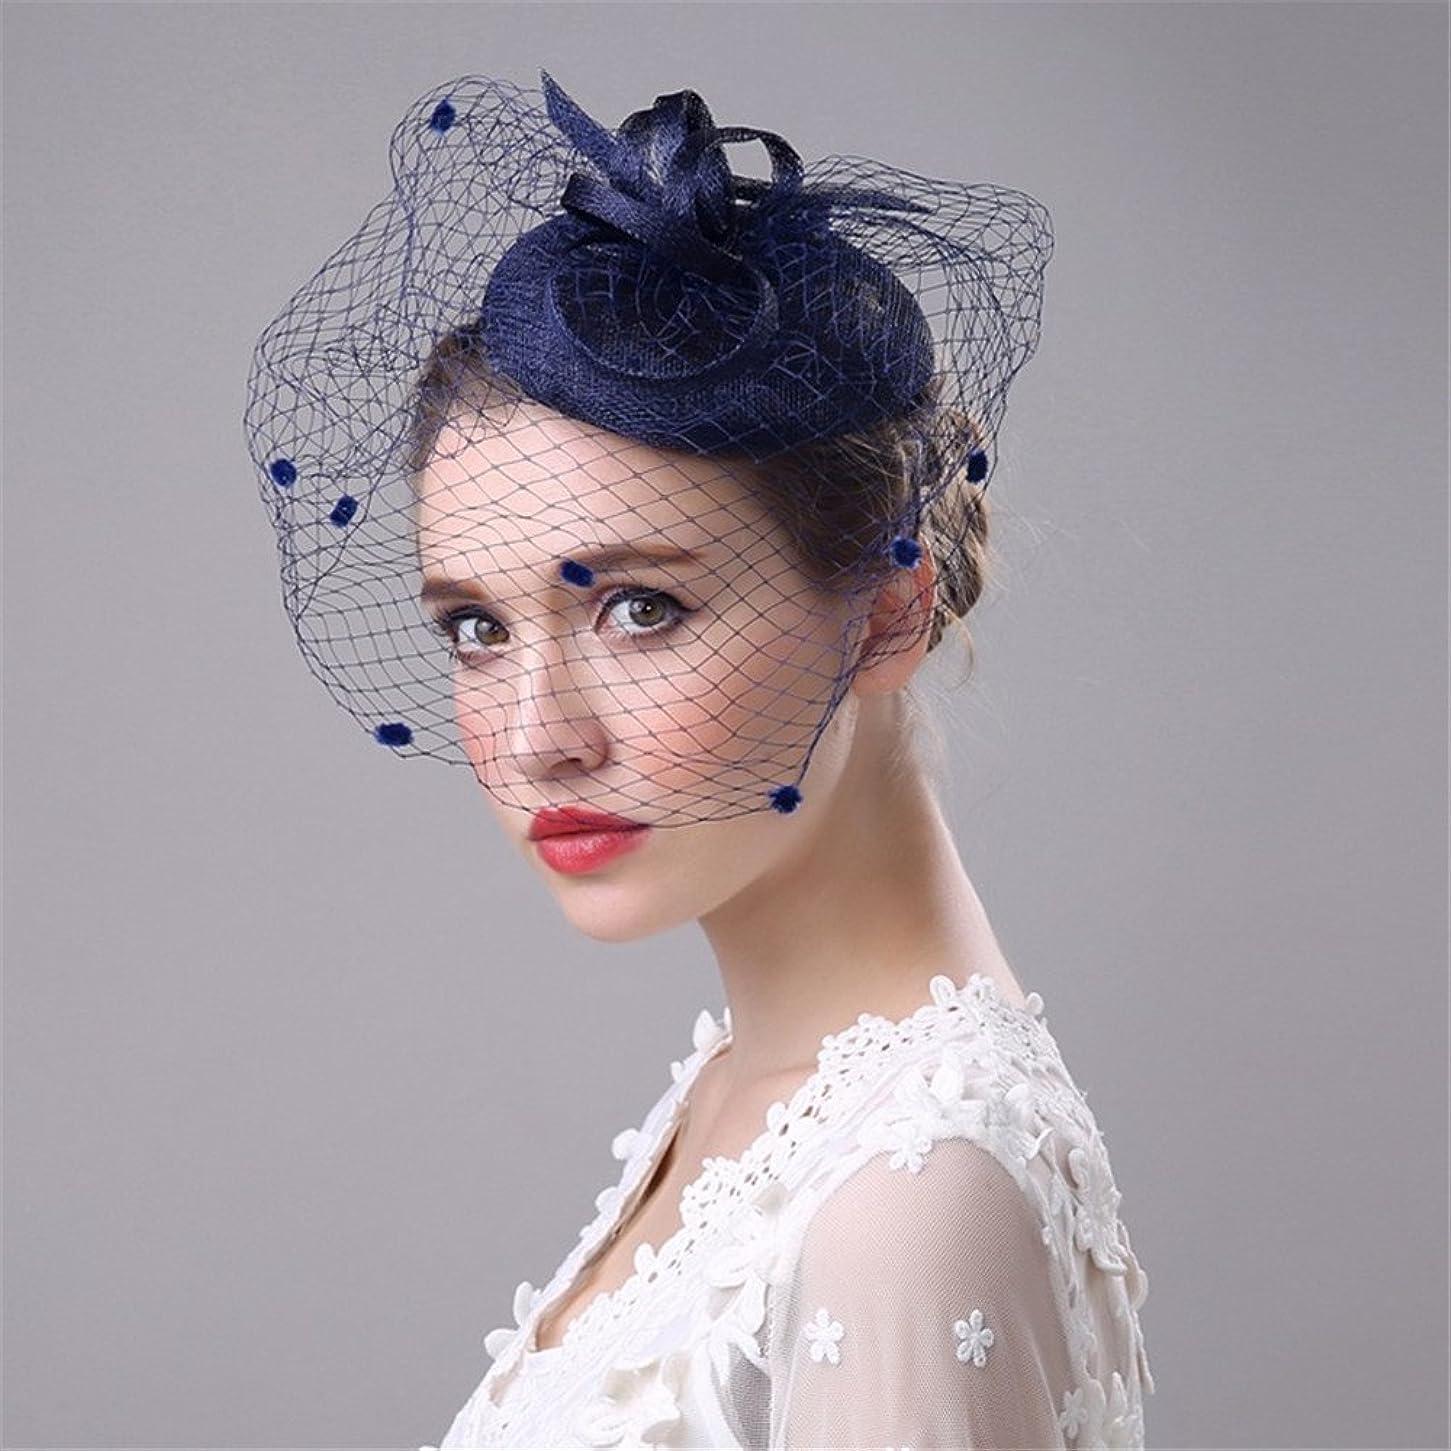 ラボ舞い上がる混合女性の魅力的な帽子 女性のエレガントな魅惑的な帽子ブライダルフェザーヘッドドレスフラワーヘアクリップアクセサリーカクテルロイヤルアスコット (色 : ブラック)